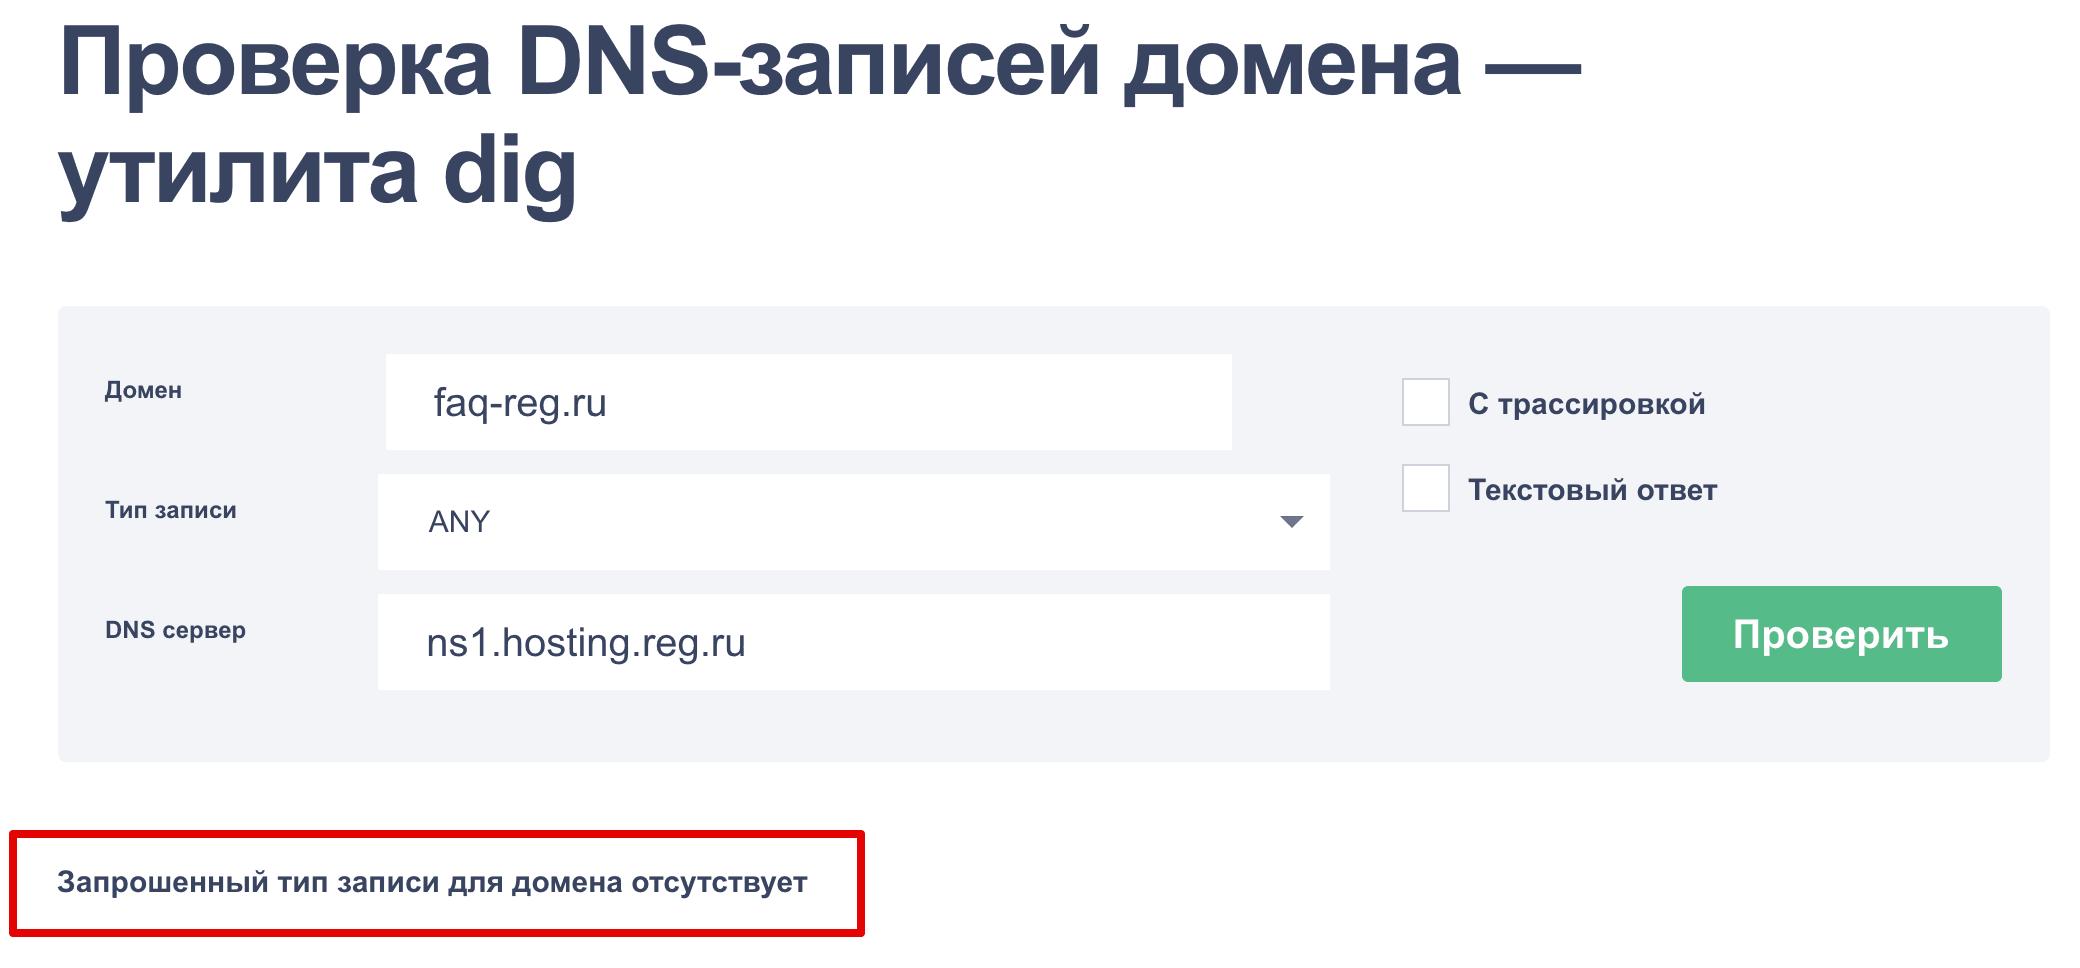 Запрошенный тип записи для домена отсутствует